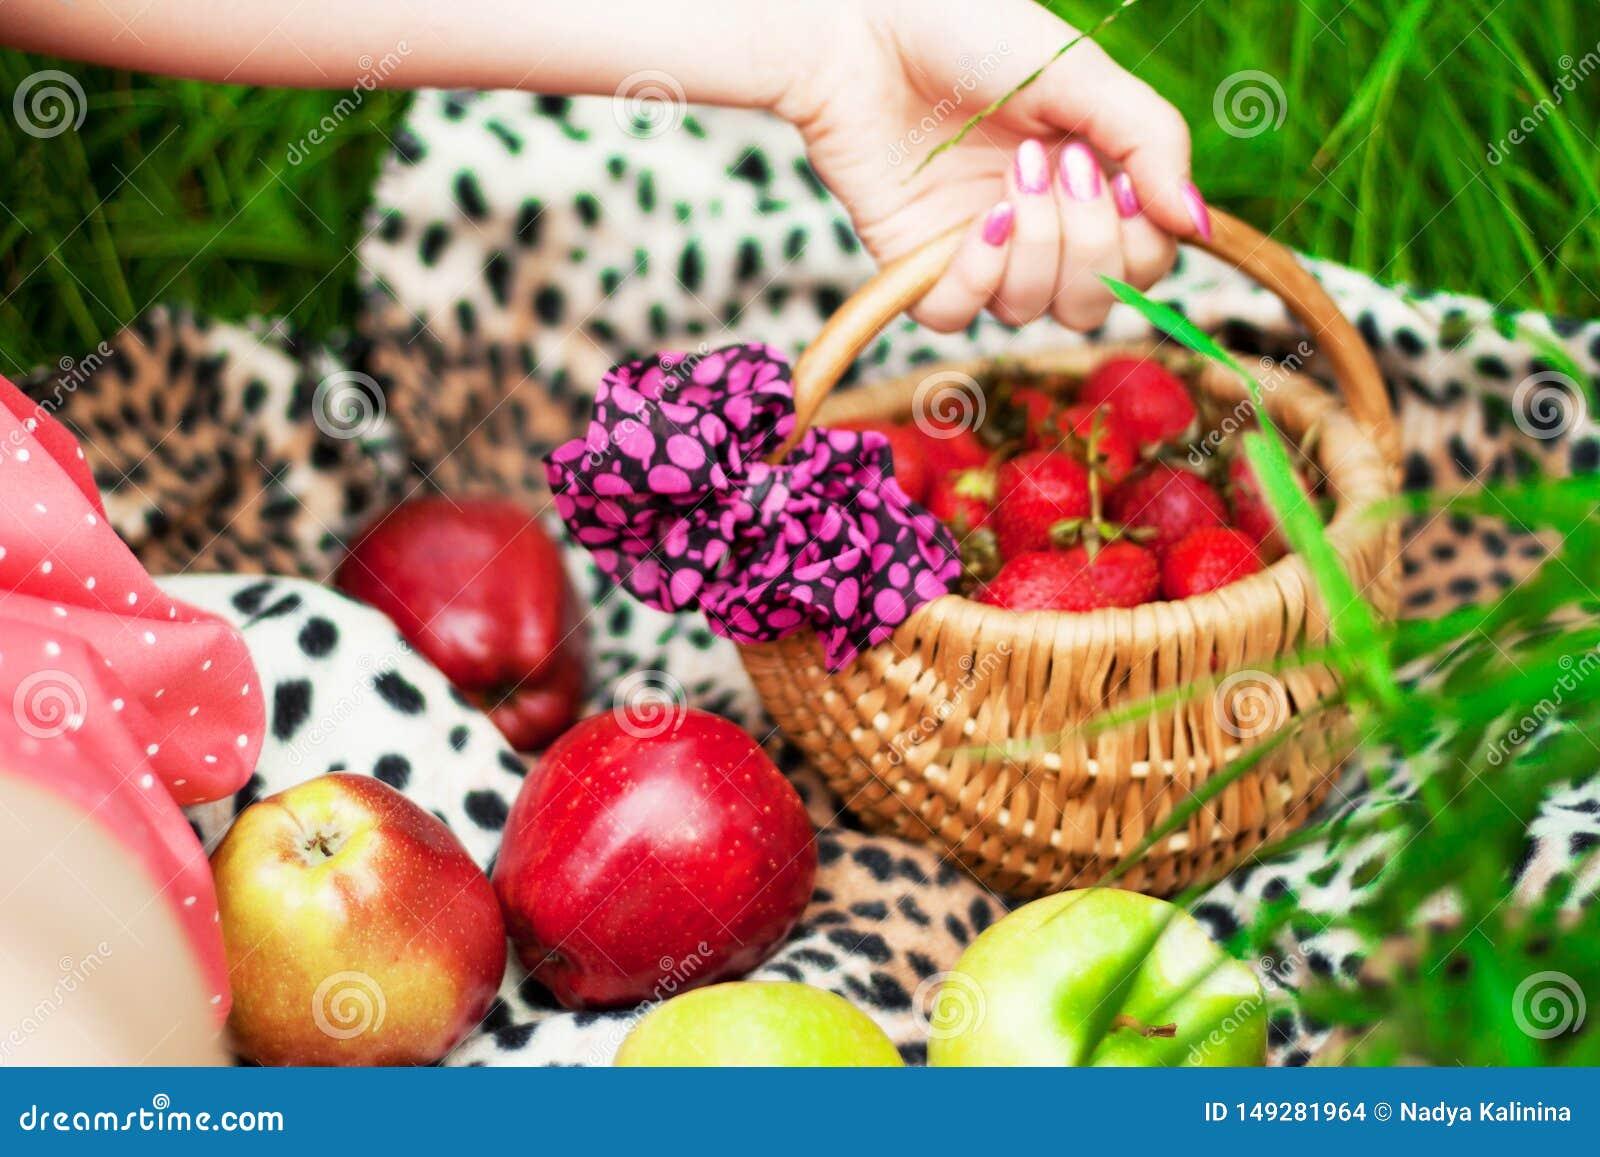 De zomer heldere sappige vruchten van de tuin